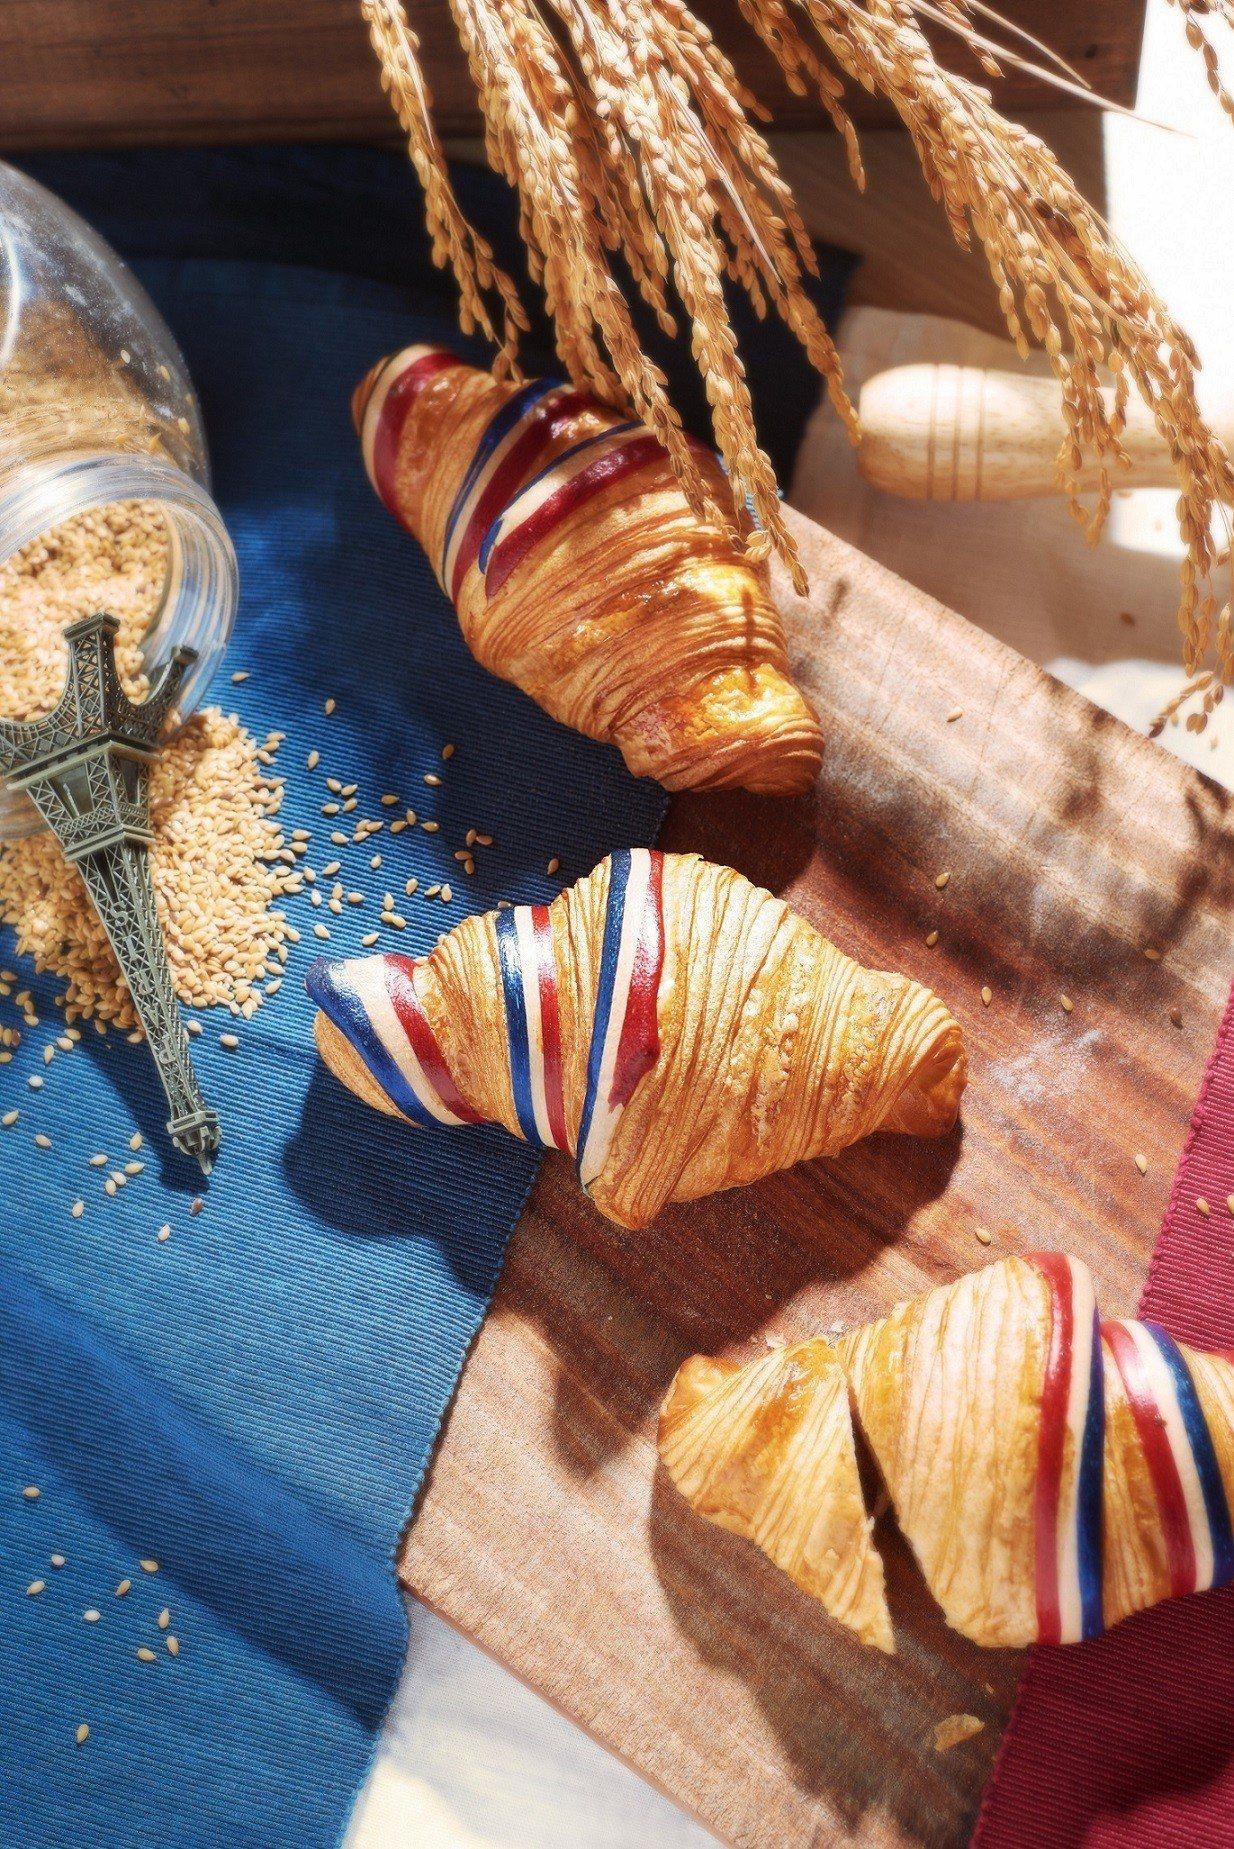 每年7月14日法國國慶日GC會推出限定款可頌,售價45元。圖/Gontran C...